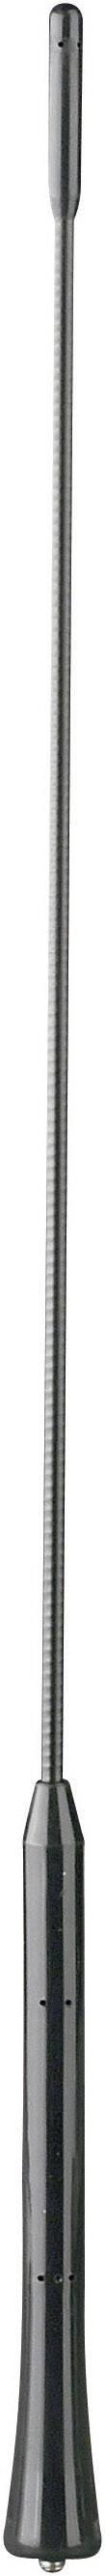 Náhradní prut pro autoantény Baseline, 650020, M5/M6